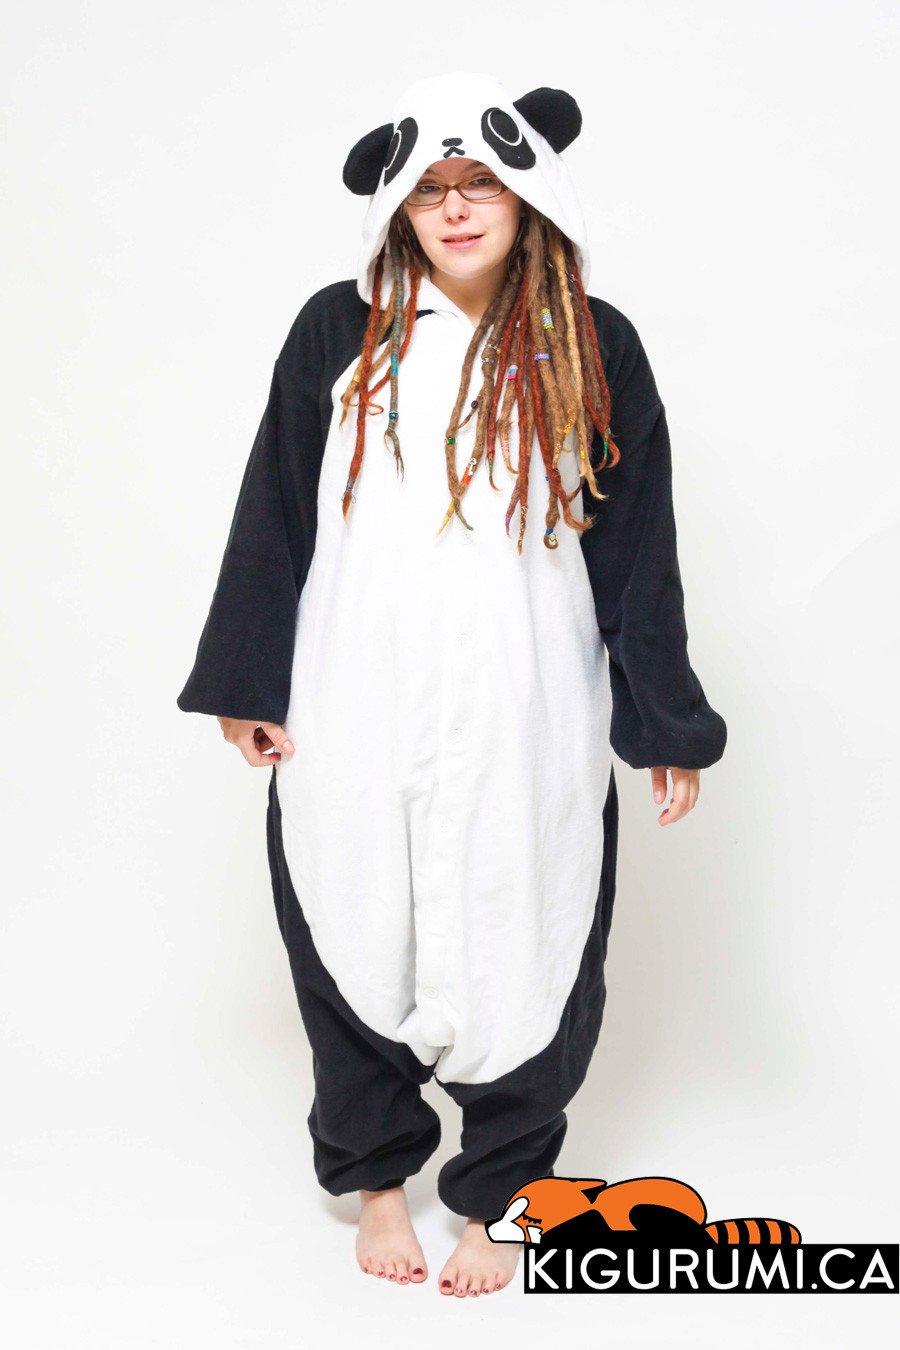 Panda3-Kigurumi-Onesie-Costume-Pyjamas-Main_2048x2048.jpg